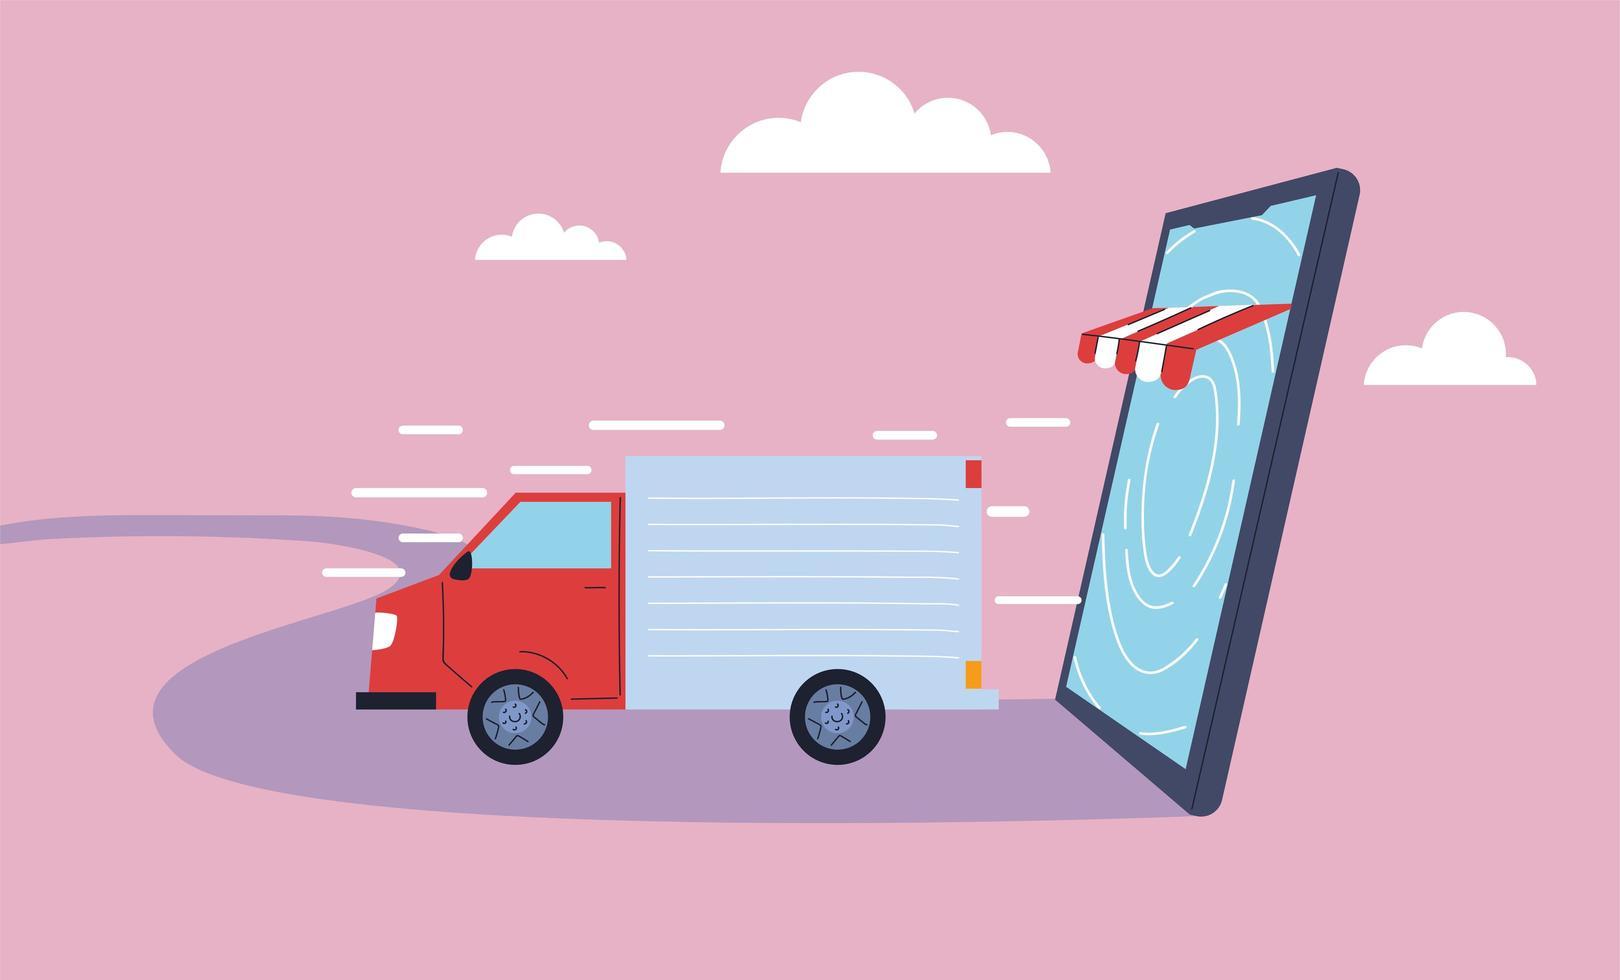 El camión de reparto lleva la entrega a las personas. vector